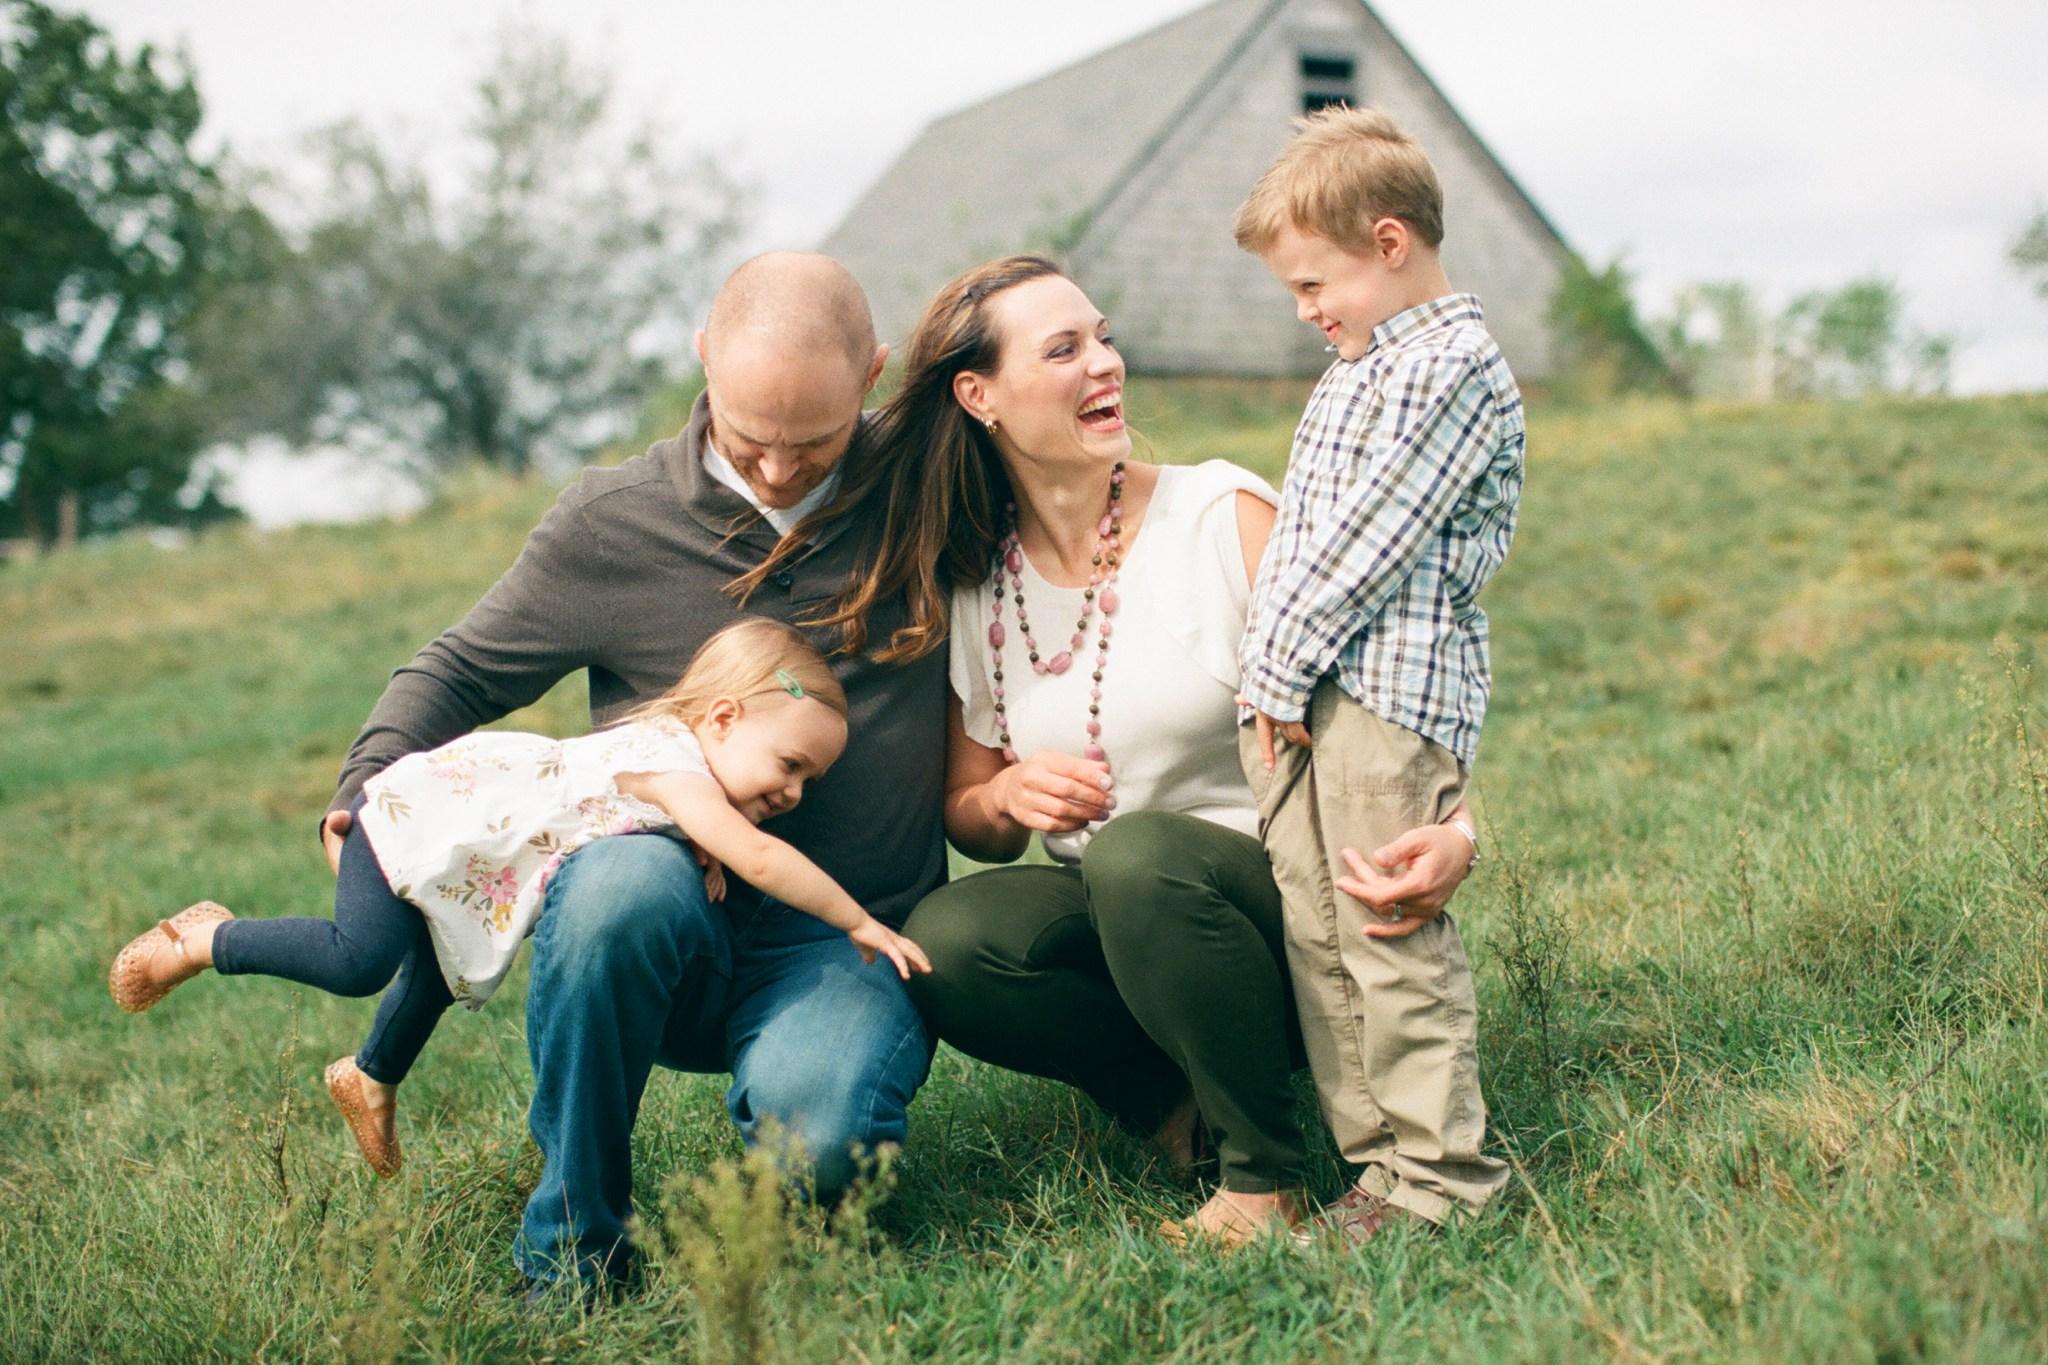 debroah_zoe_photography_family_portraits_boston_00041.JPG